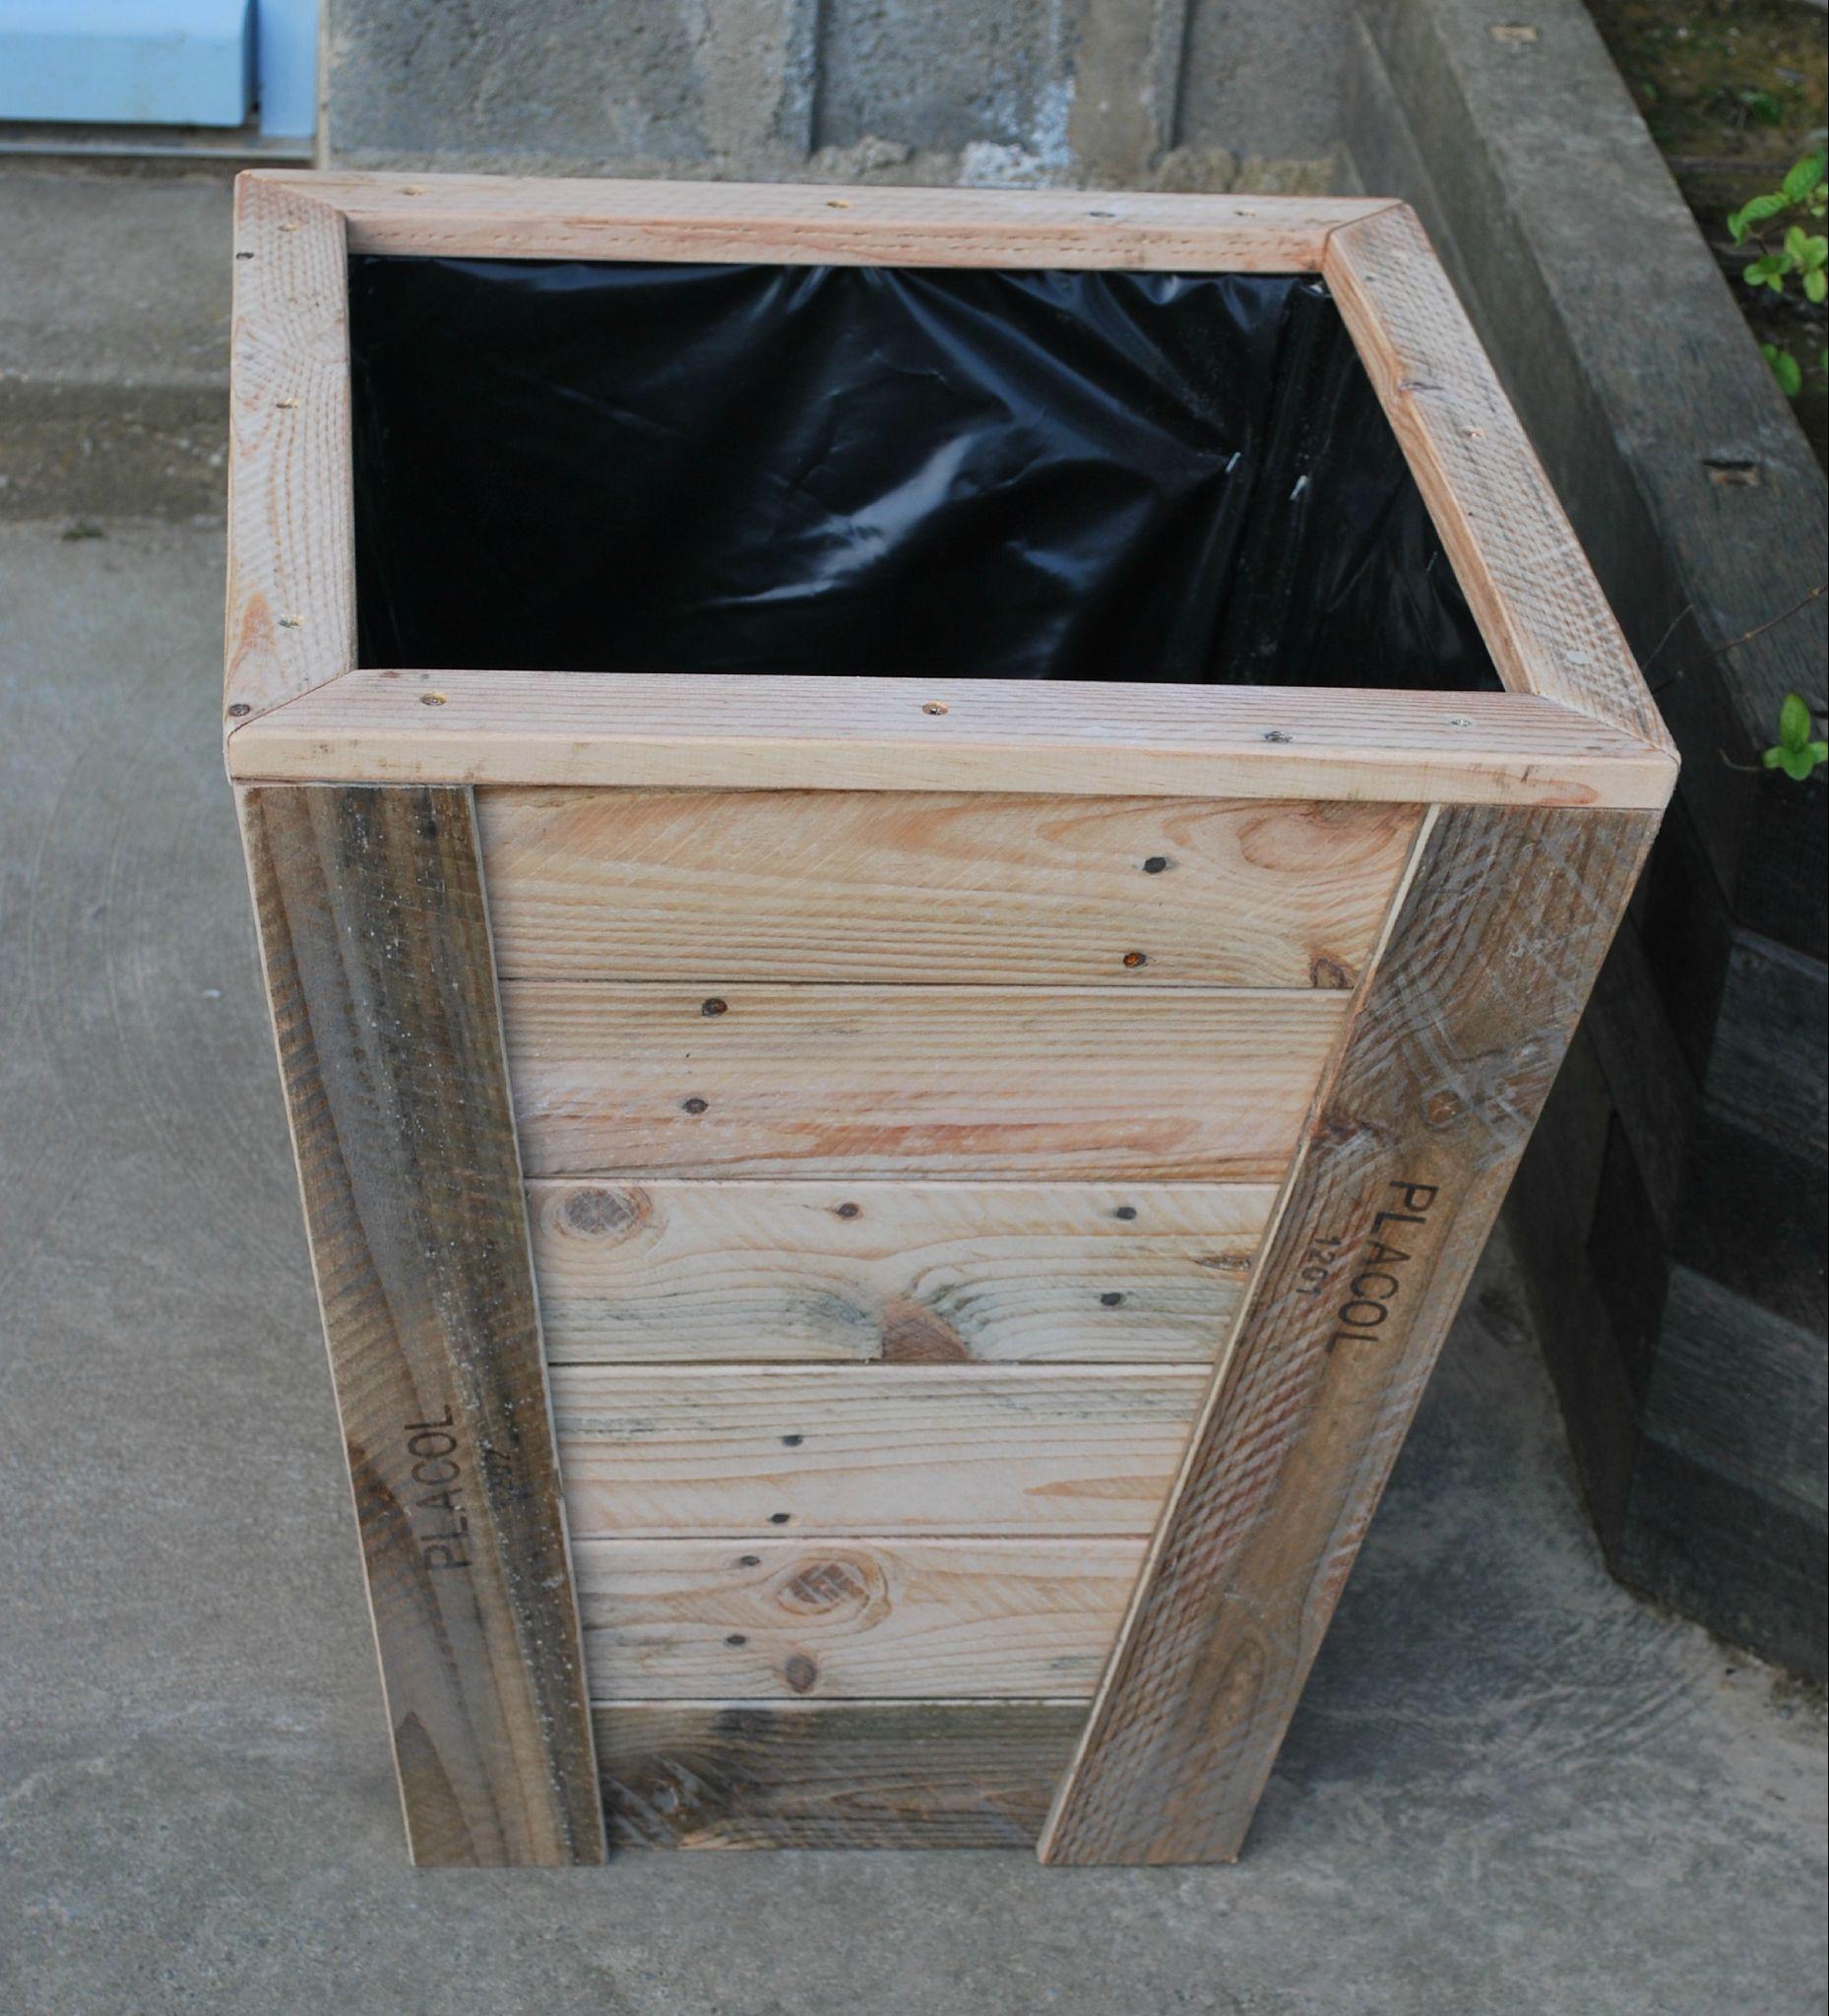 jardini re en bois de palette recycl e au bout du bois mobilier ext rieur palette bois. Black Bedroom Furniture Sets. Home Design Ideas